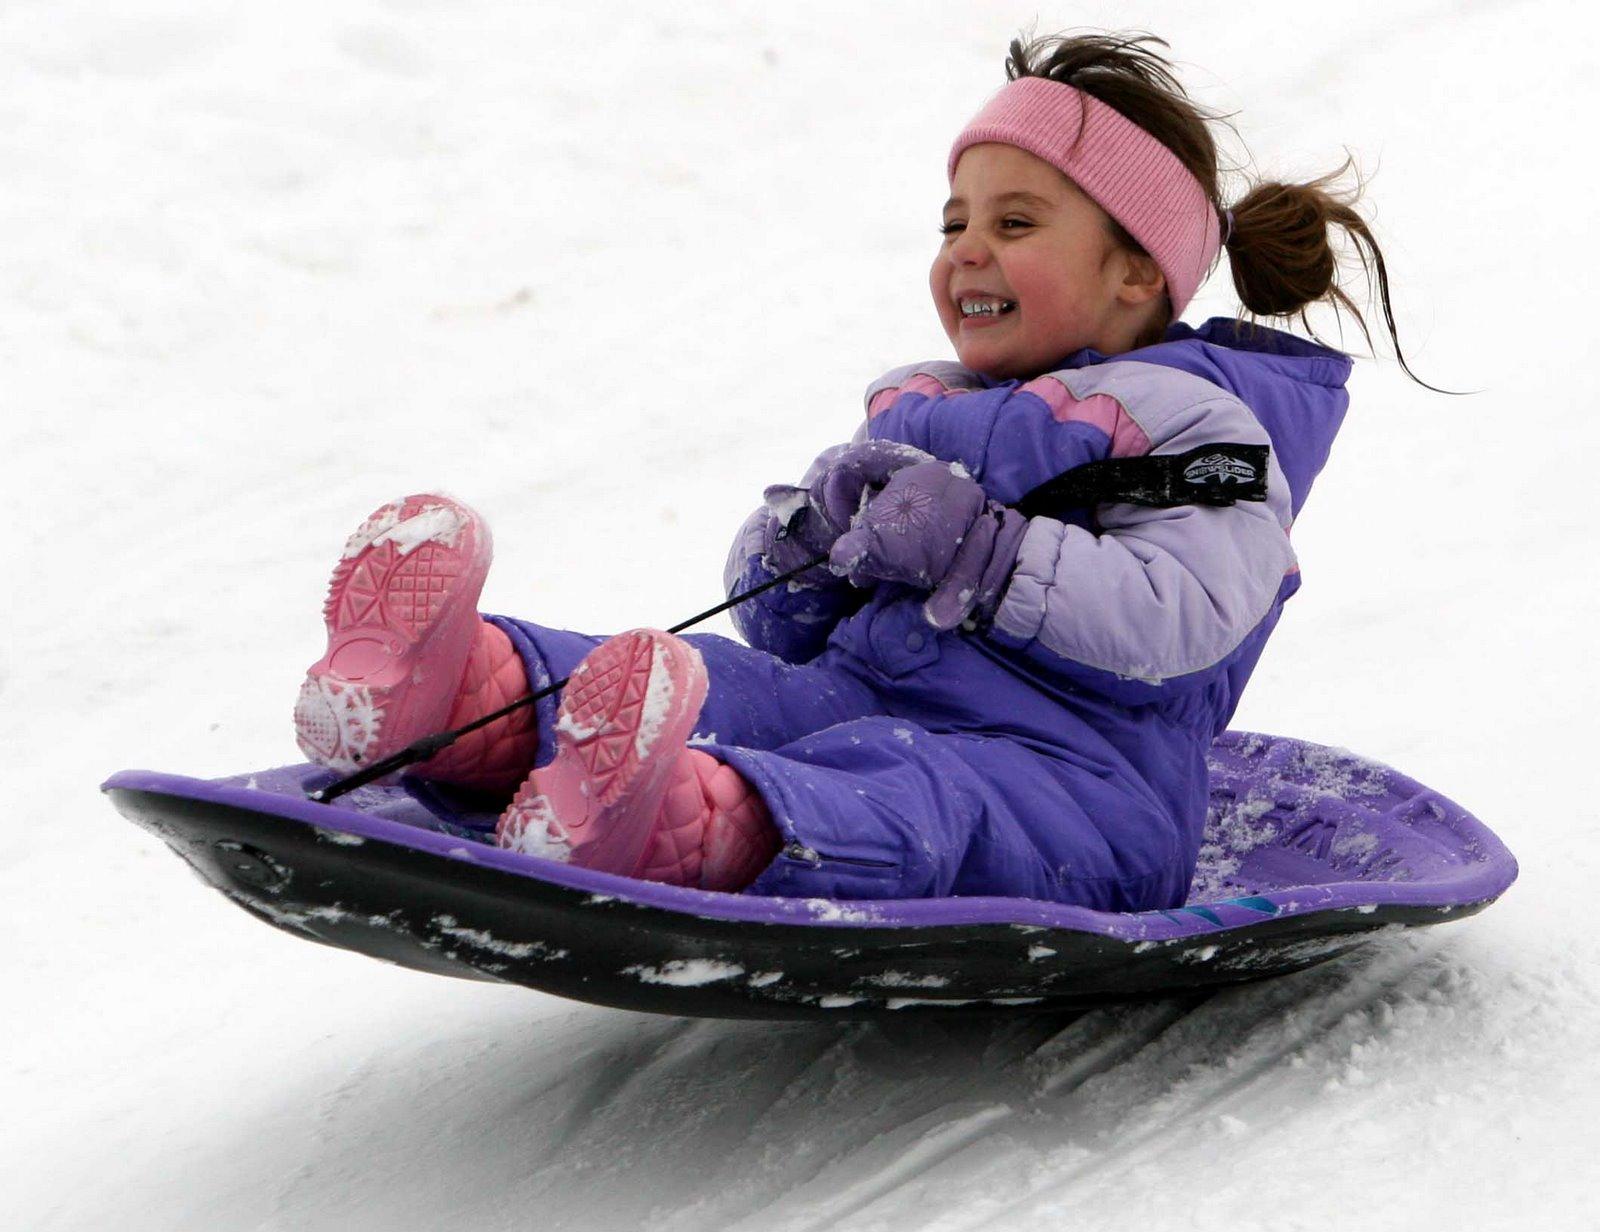 sledding-girl.jpg